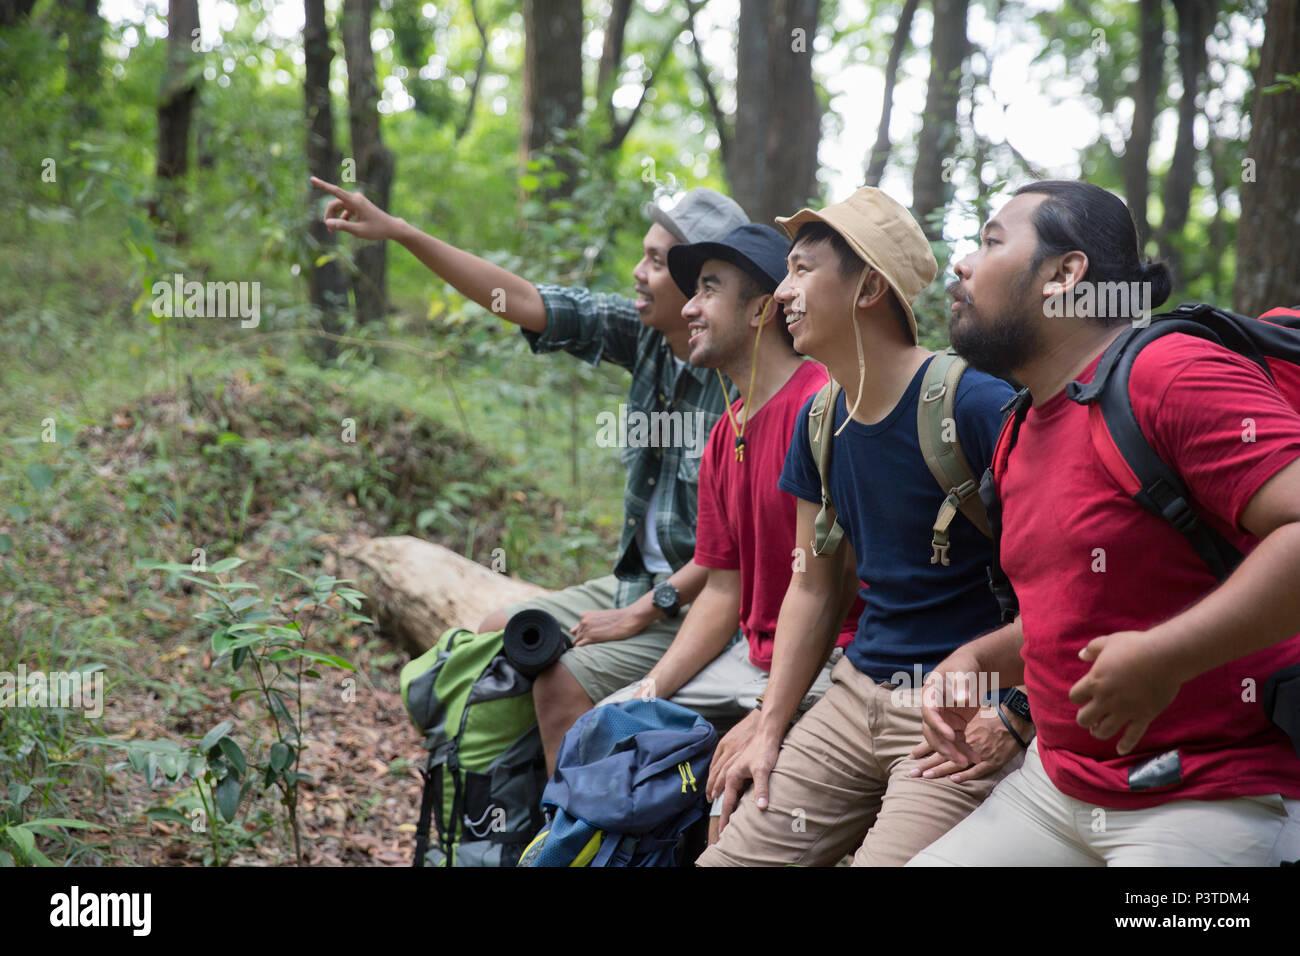 Asian escursionista seduto e puntamento Immagini Stock